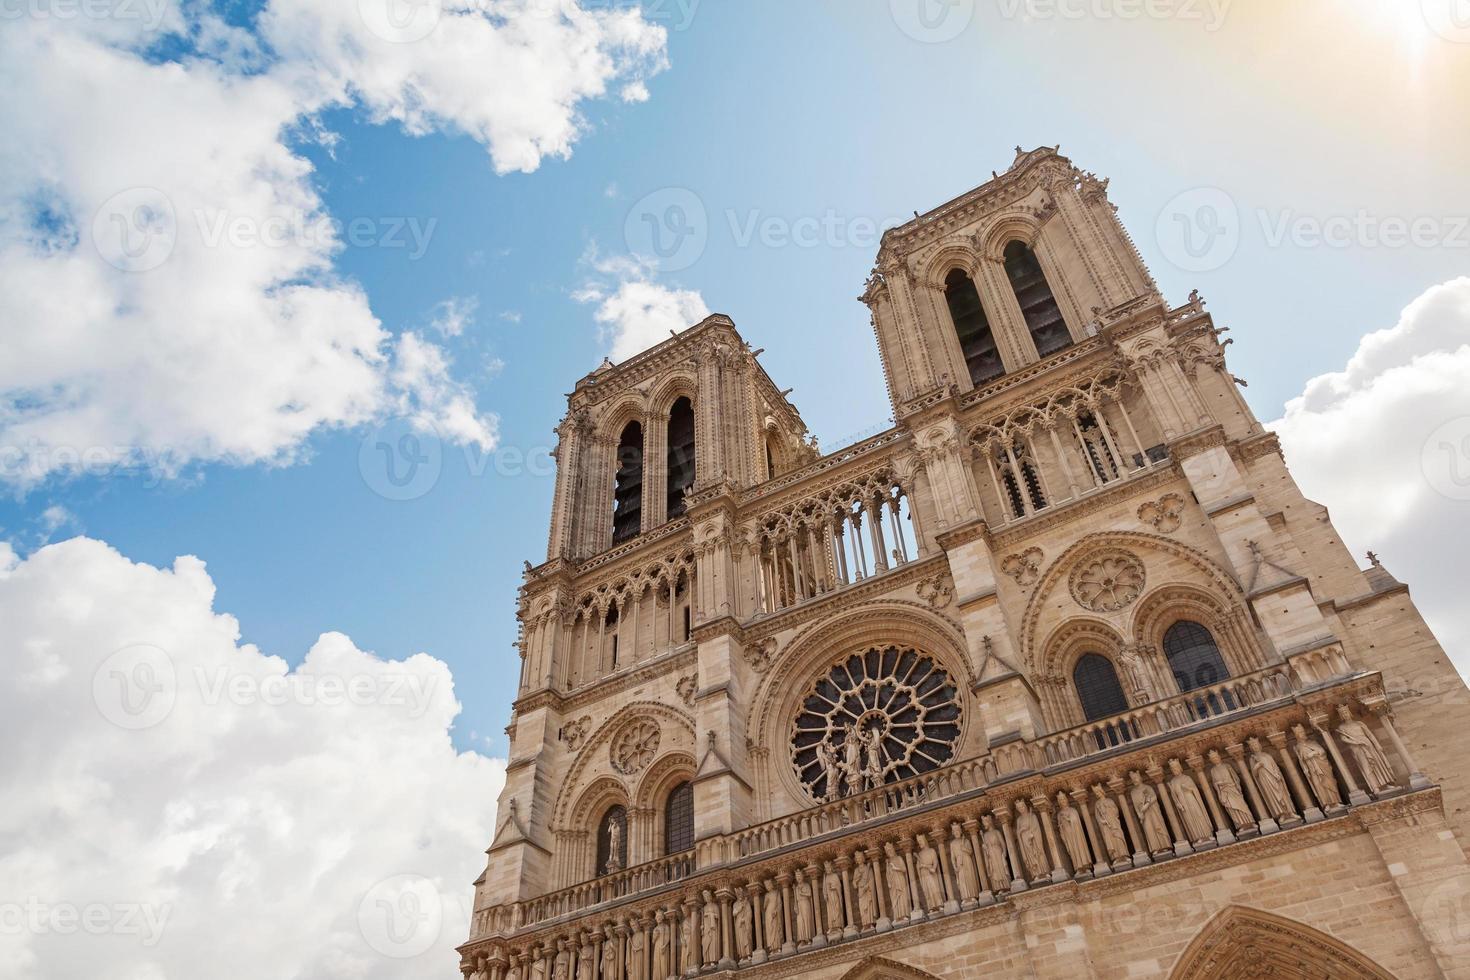 gevel van de Notre Dame de Paris kathedraal, Frankrijk foto